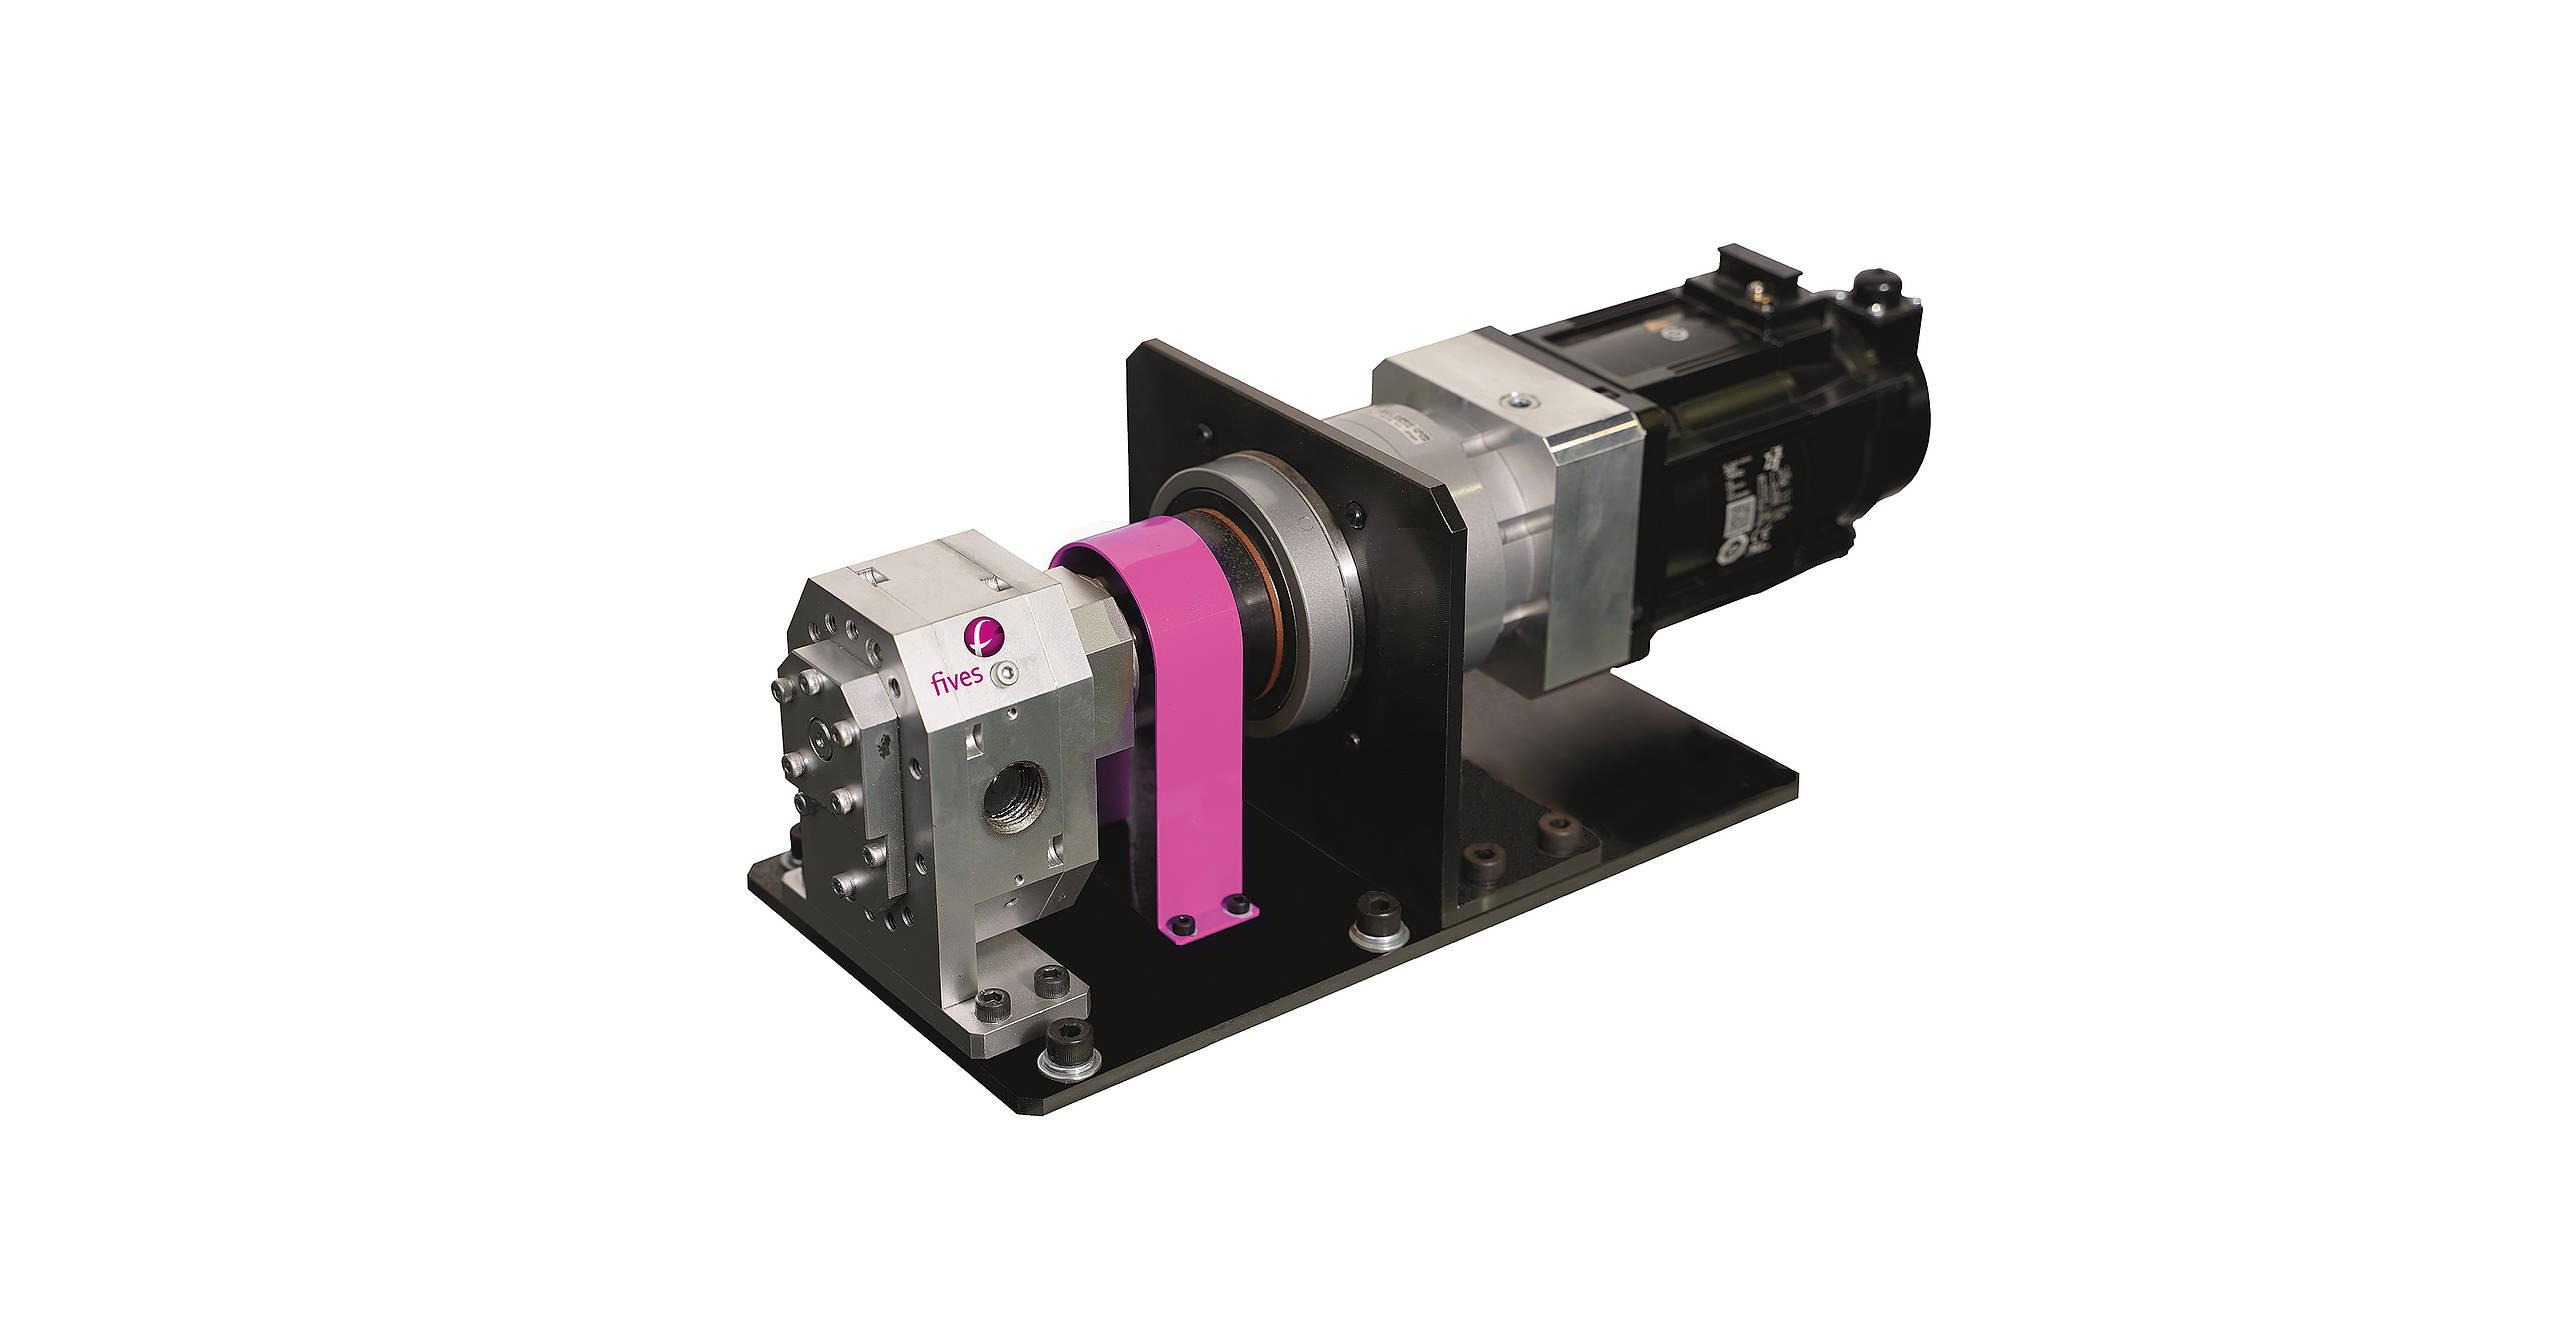 Vignette-DeckerSealing Metering Pump-FIVES